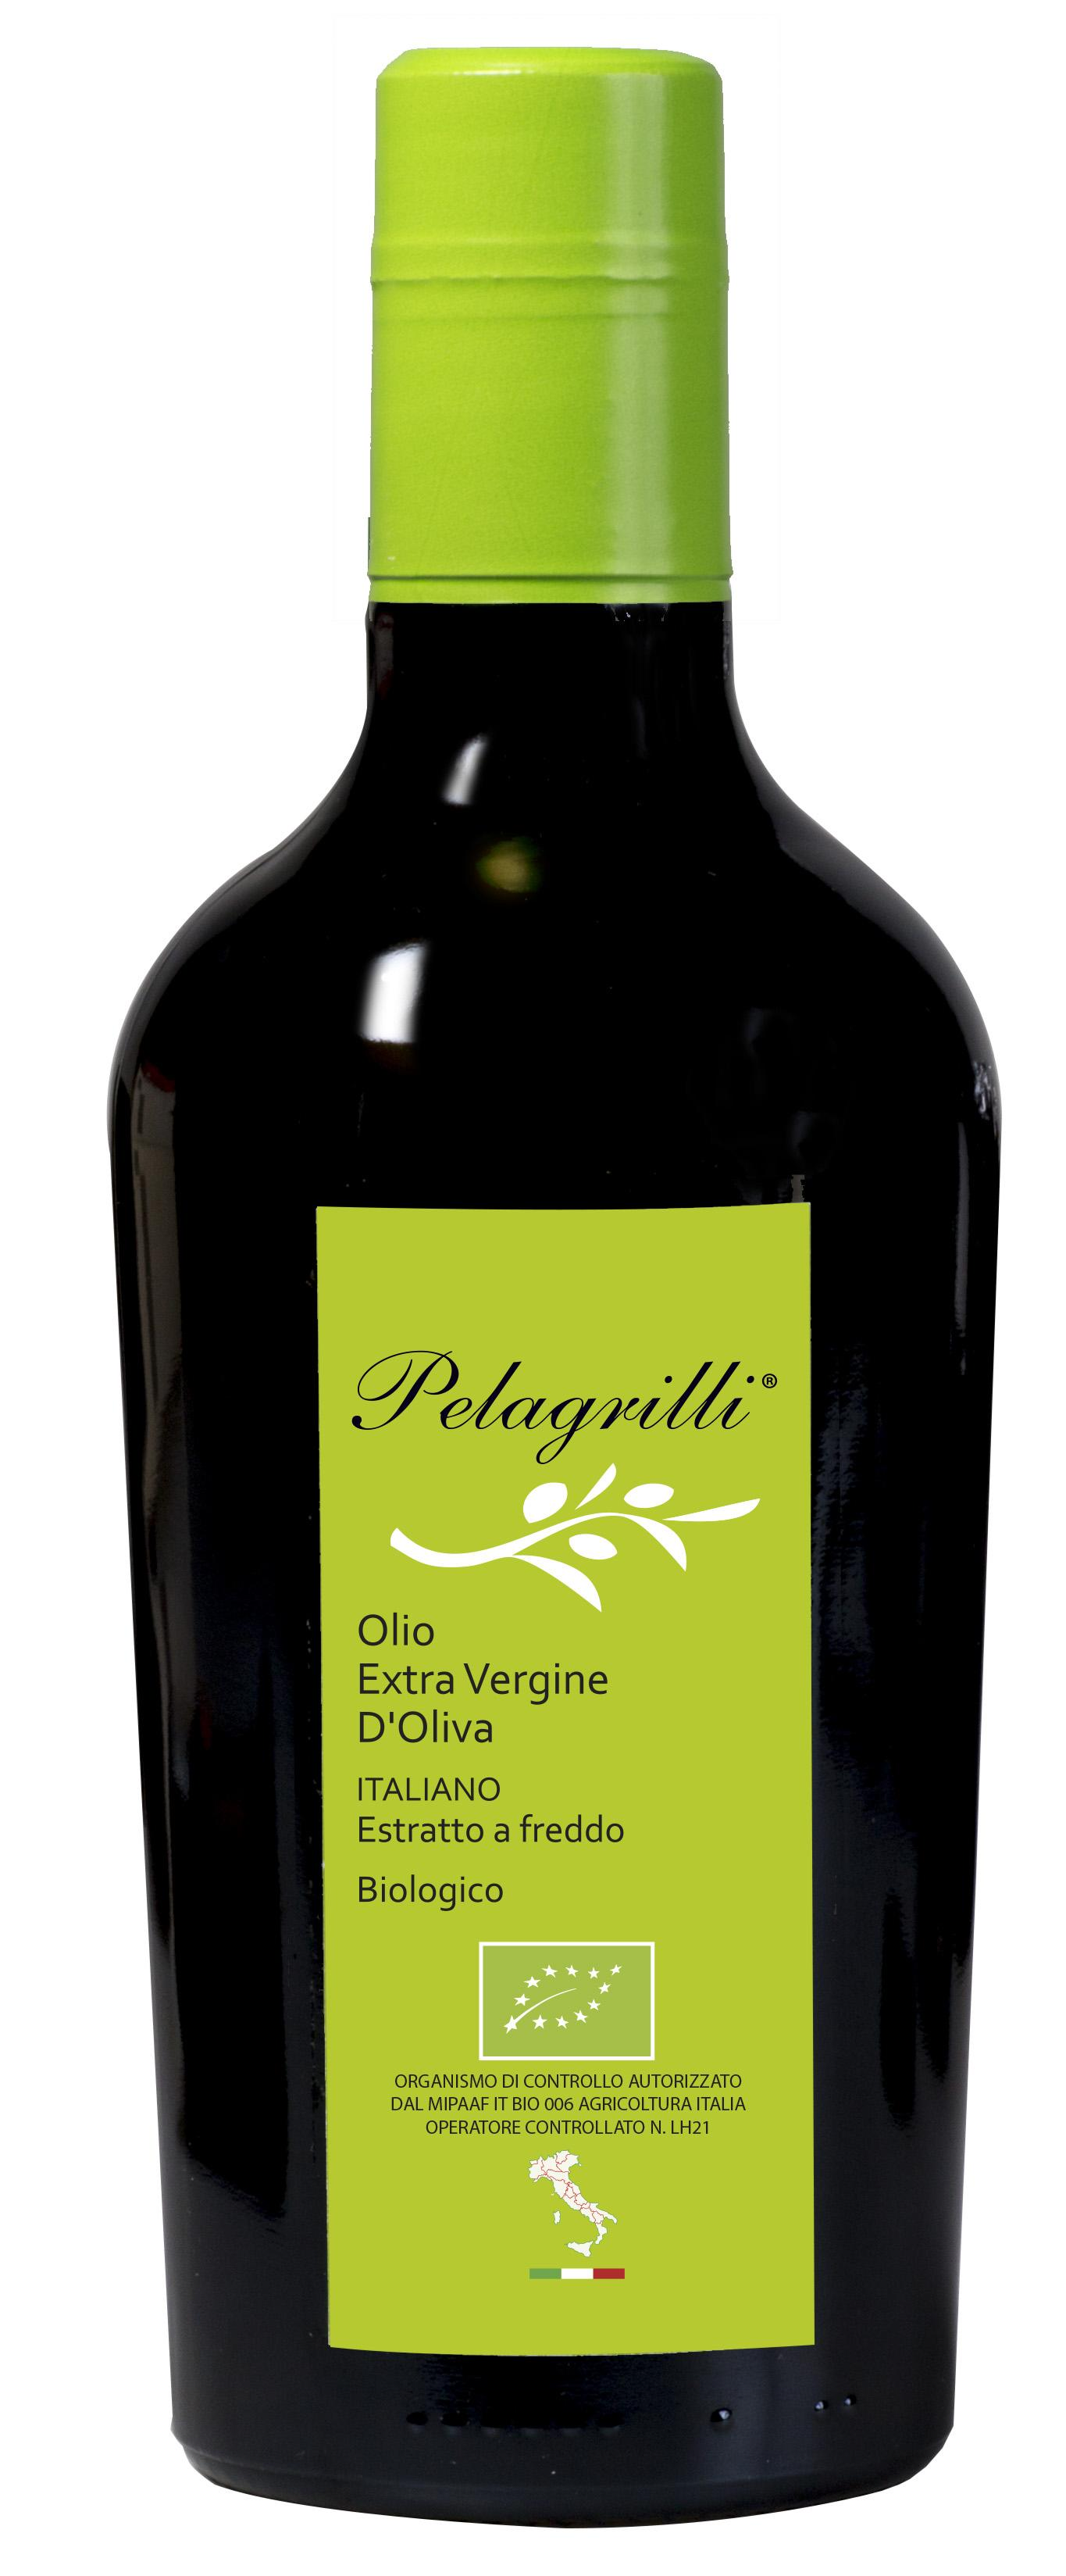 BIOLOGICO ITALIANO Nuovo Raccolto 2018-2019 olio extra vergine di oliva Italiano estratto a freddo lt. 0,5